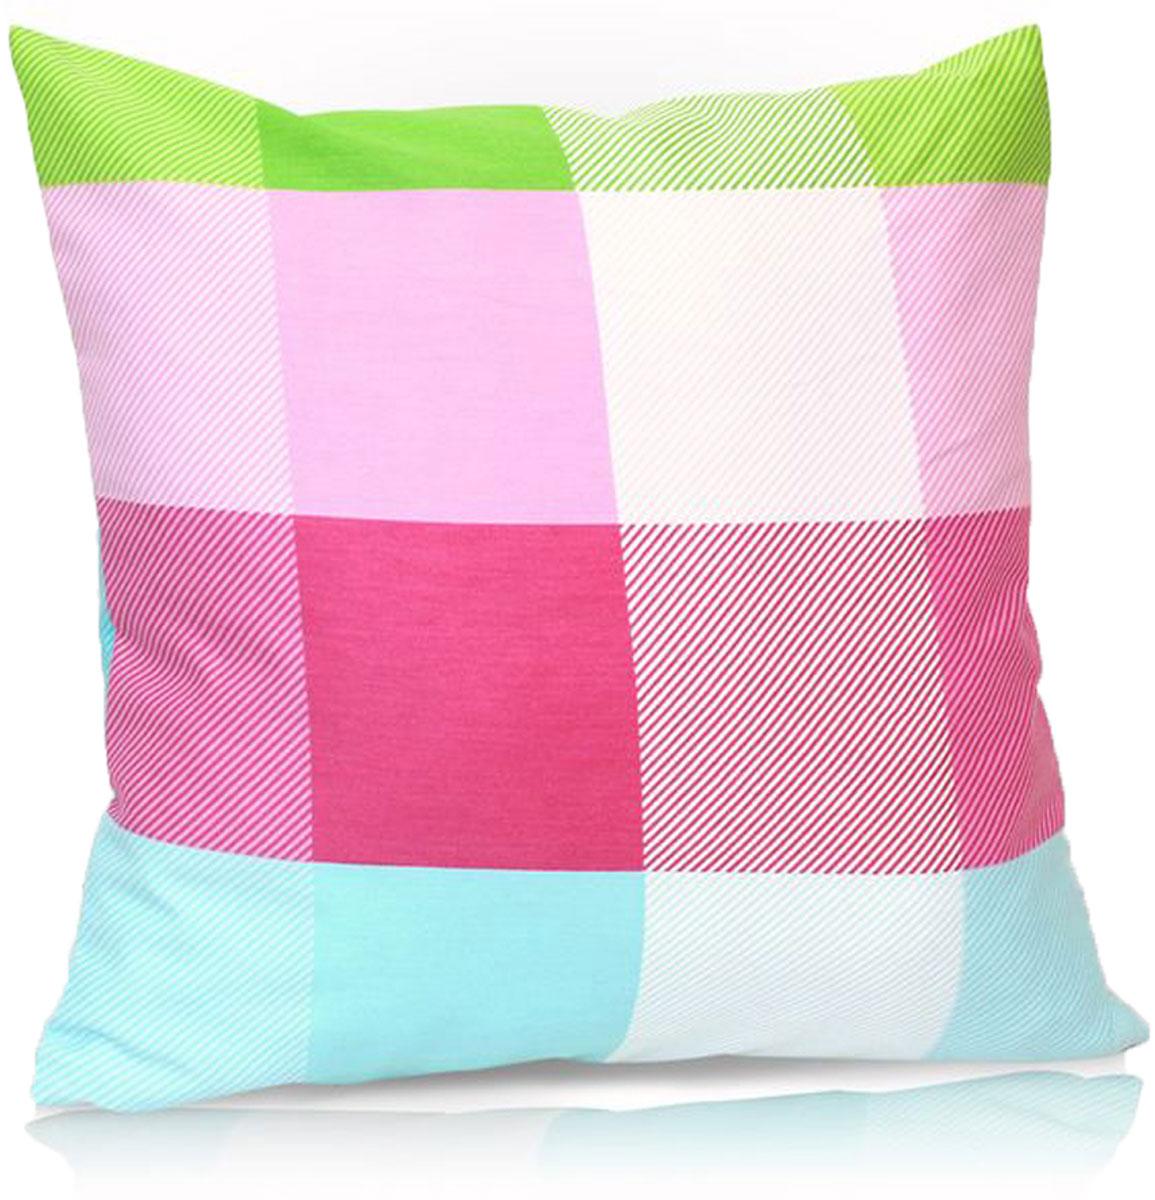 """Декоративная подушка """"KauffOrt """" прекрасно дополнит интерьер спальни или гостиной. Чехол  подушки выполнен из сатина (35% хлопок, 65% полиэстер). Внутри находится мягкий наполнитель.  Чехол легко снимается  благодаря потайной молнии."""